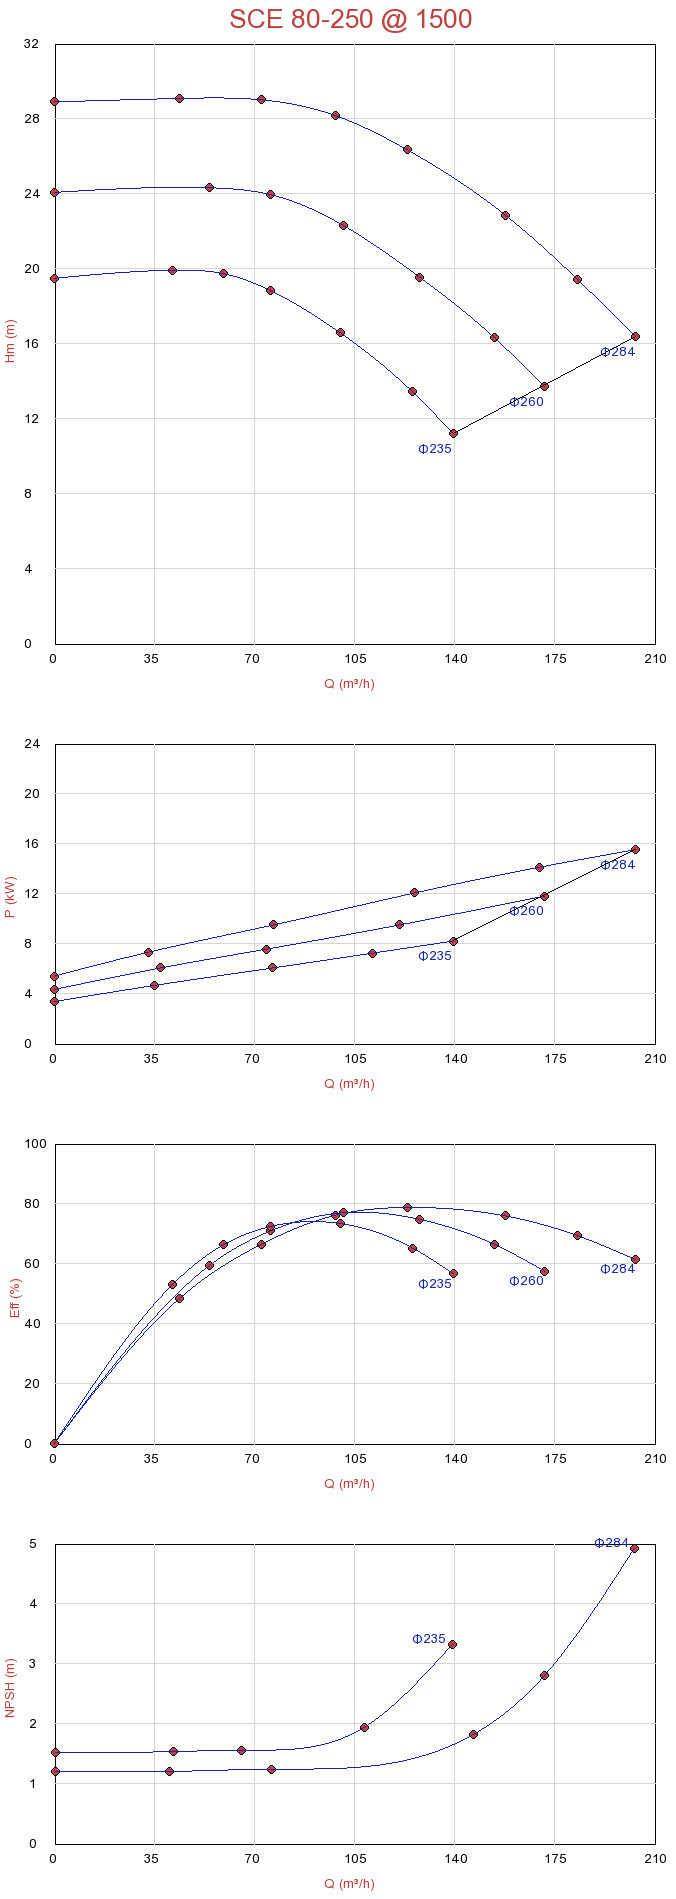 Biểu đồ lưu lượng của máy bơm ly tâm hút đôi Sempa SCE 80-250 (1500rpm)